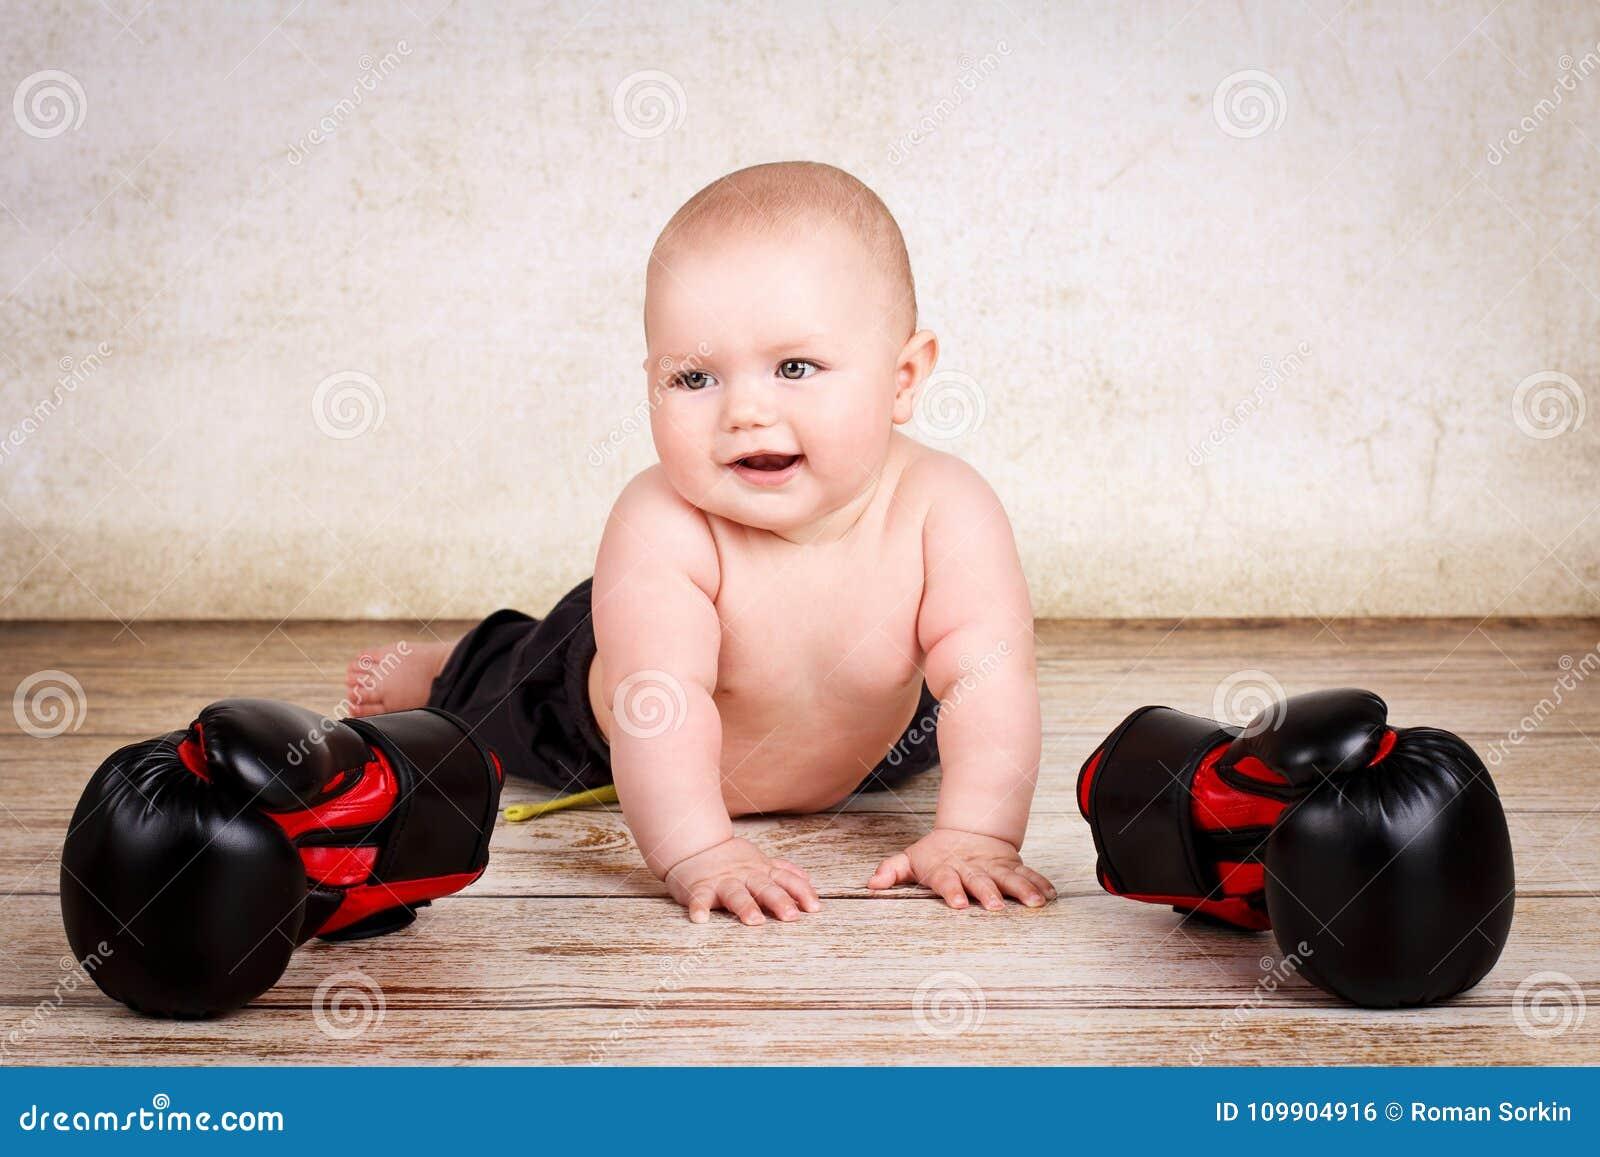 Grappige baby met bokshandschoenen